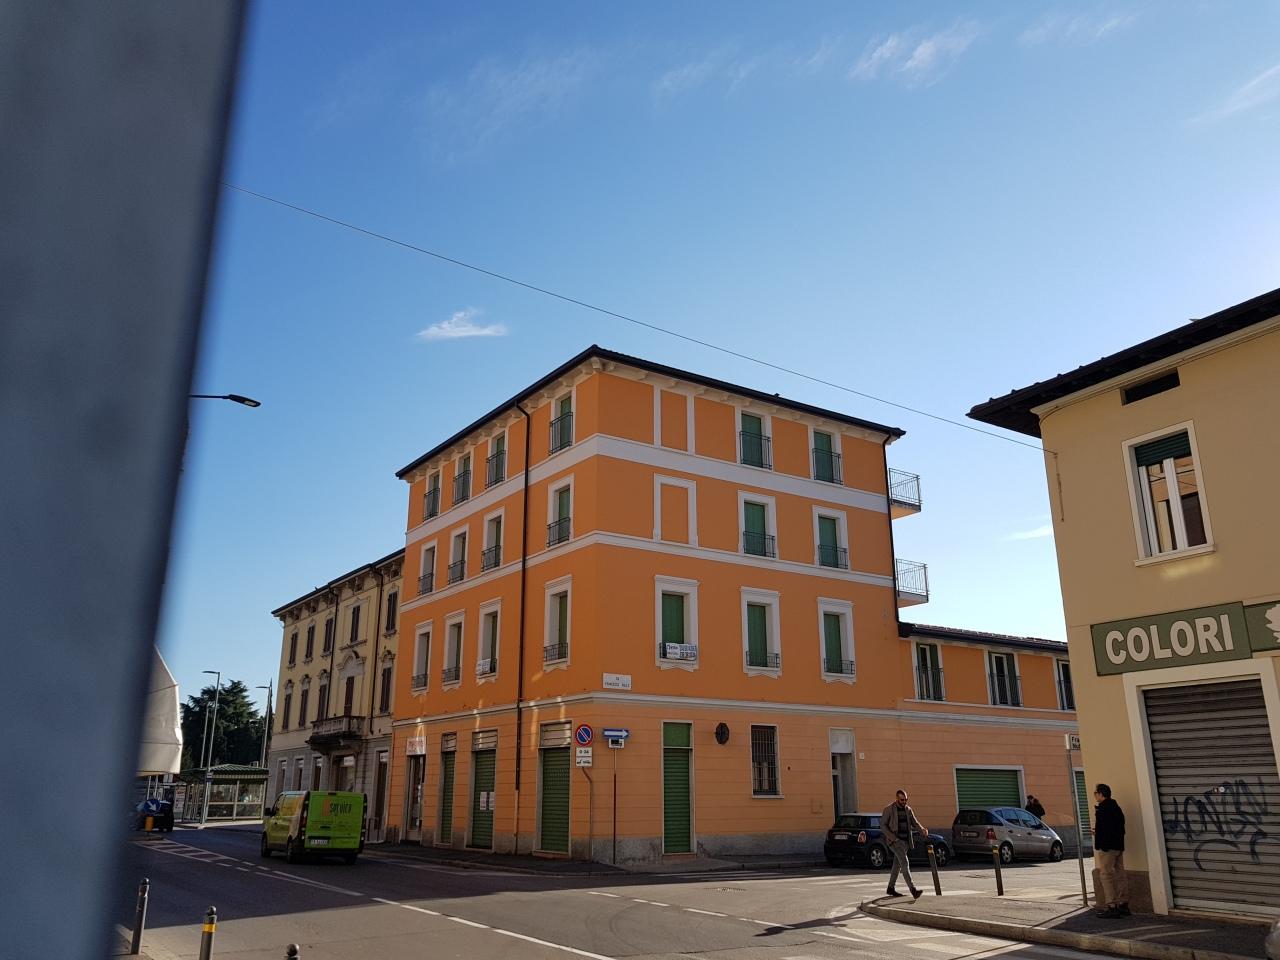 Negozio / Locale in affitto a Brescia, 1 locali, prezzo € 600   CambioCasa.it